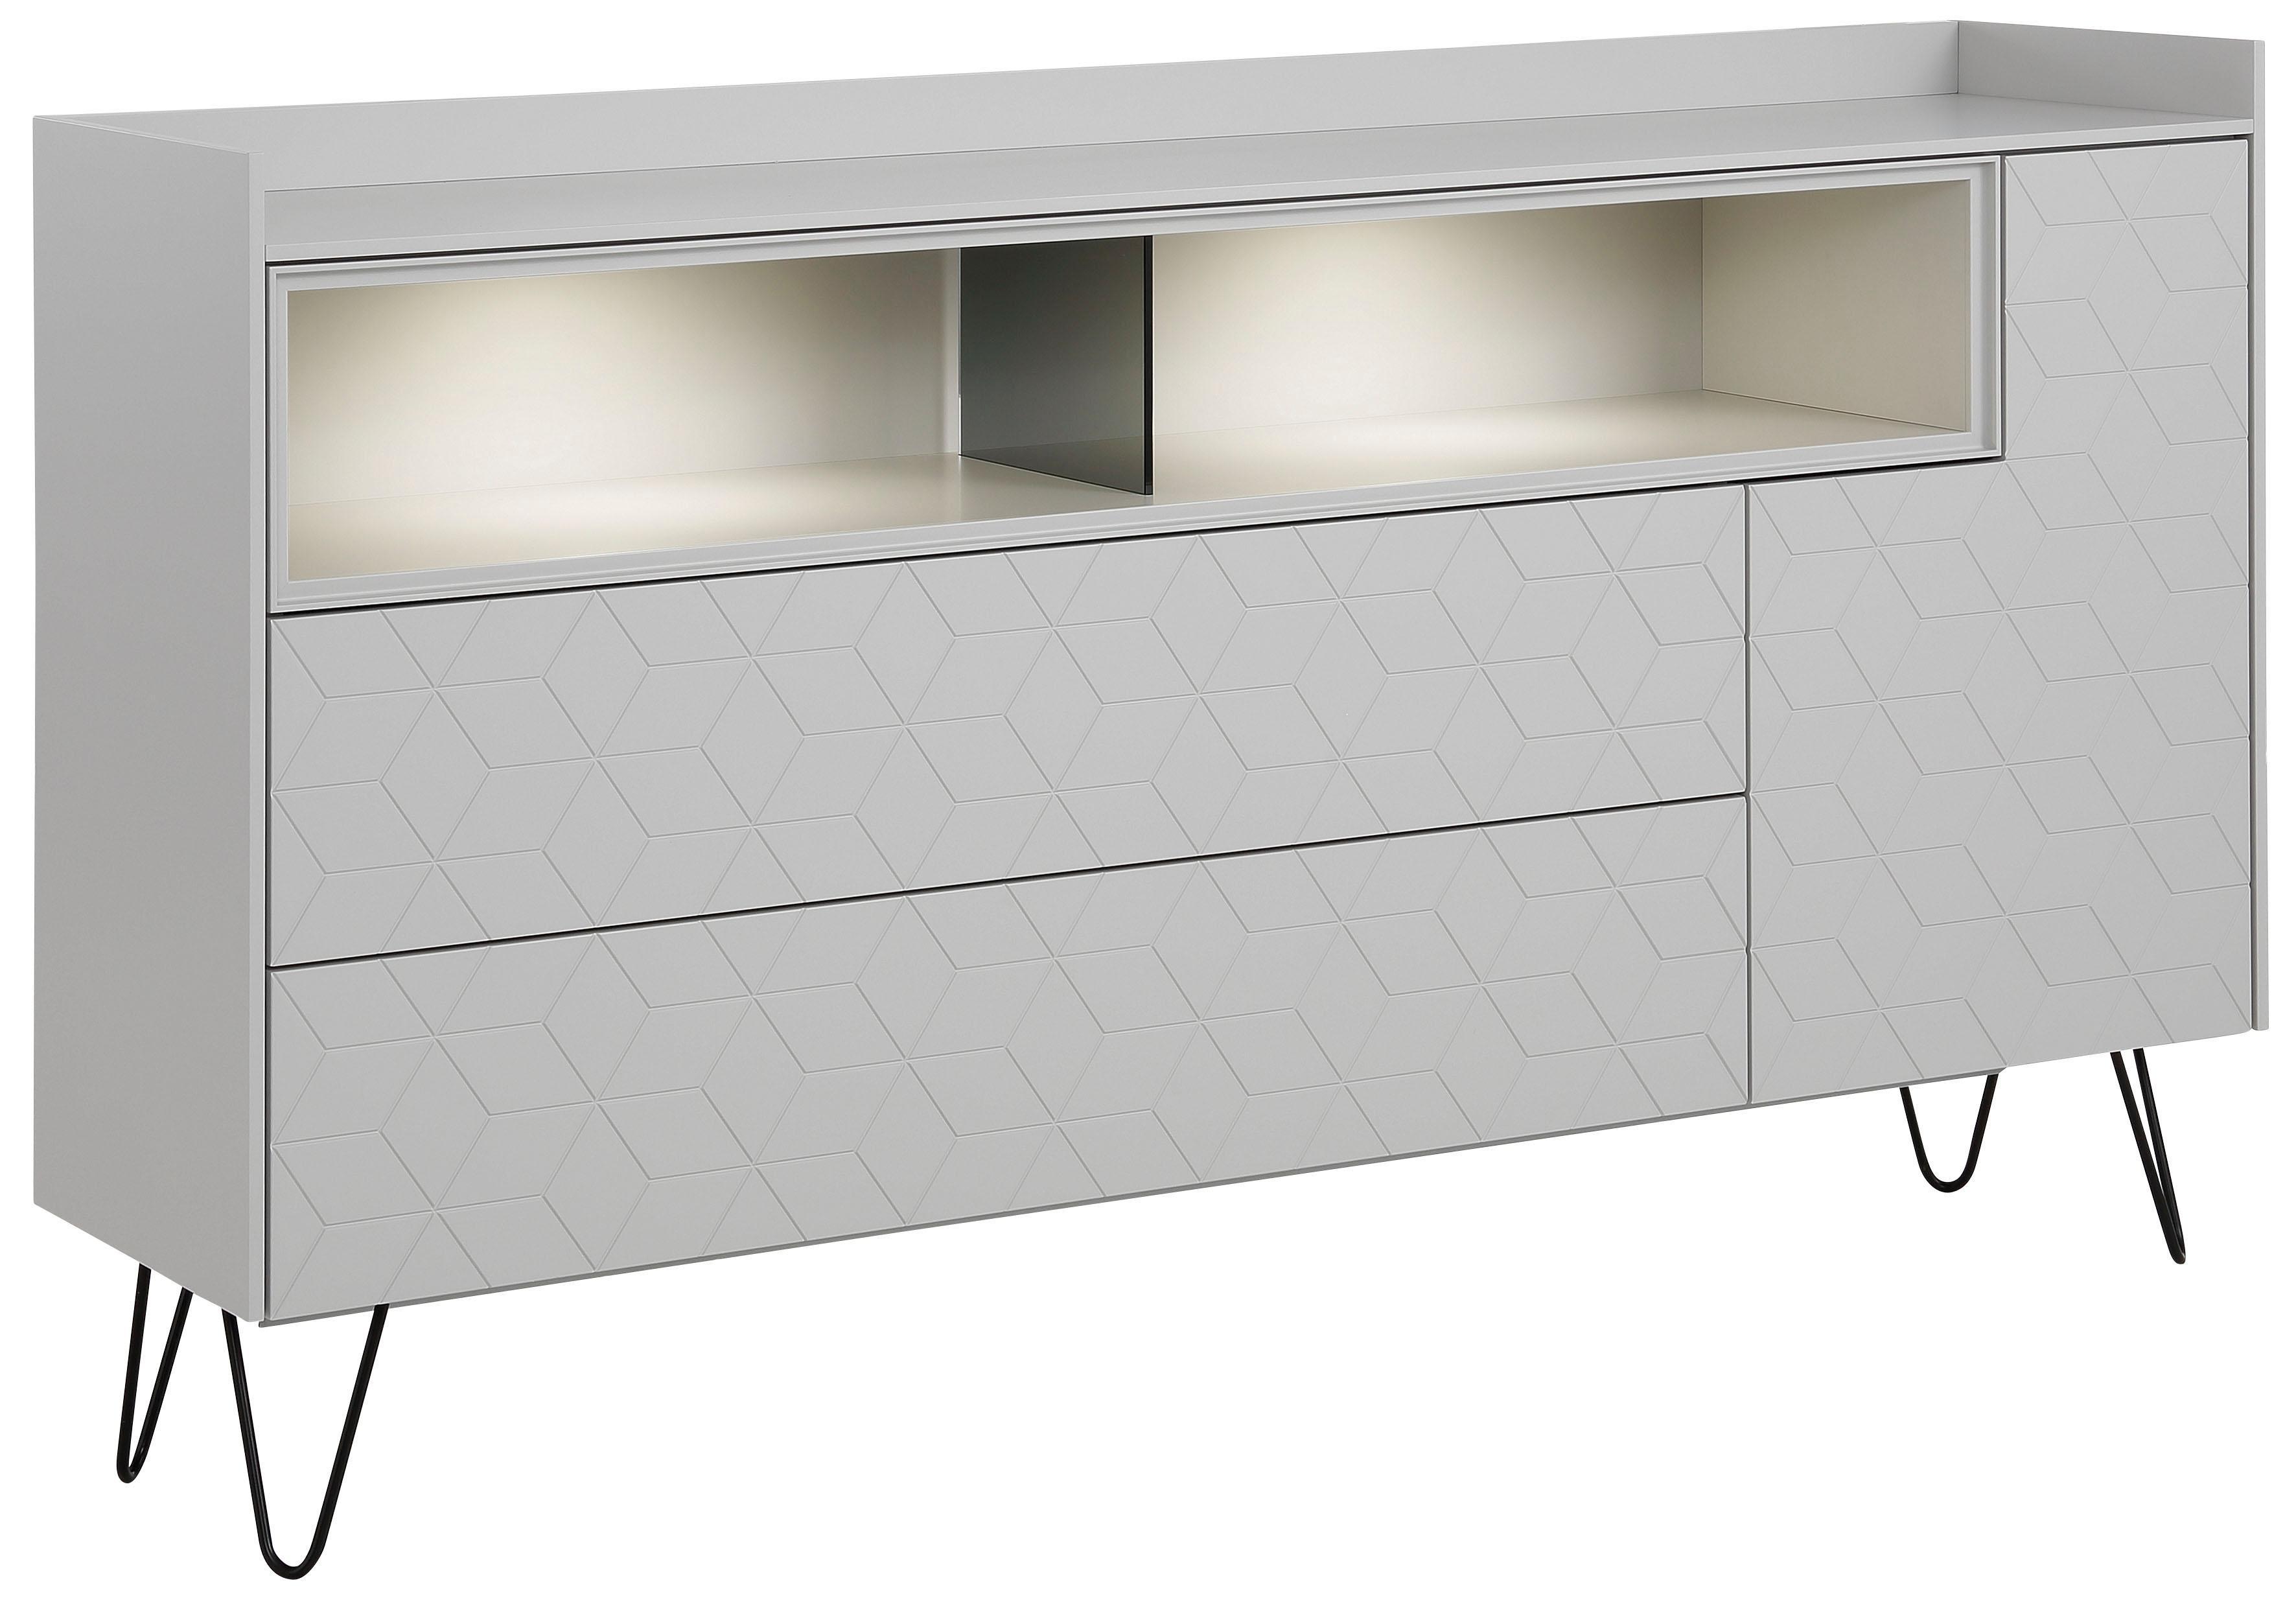 Villeroy & Boch Sideboard MOSAÏQUE Amara carré mit Haarnadelfuß 2 offene Fächer Breite 178 cm